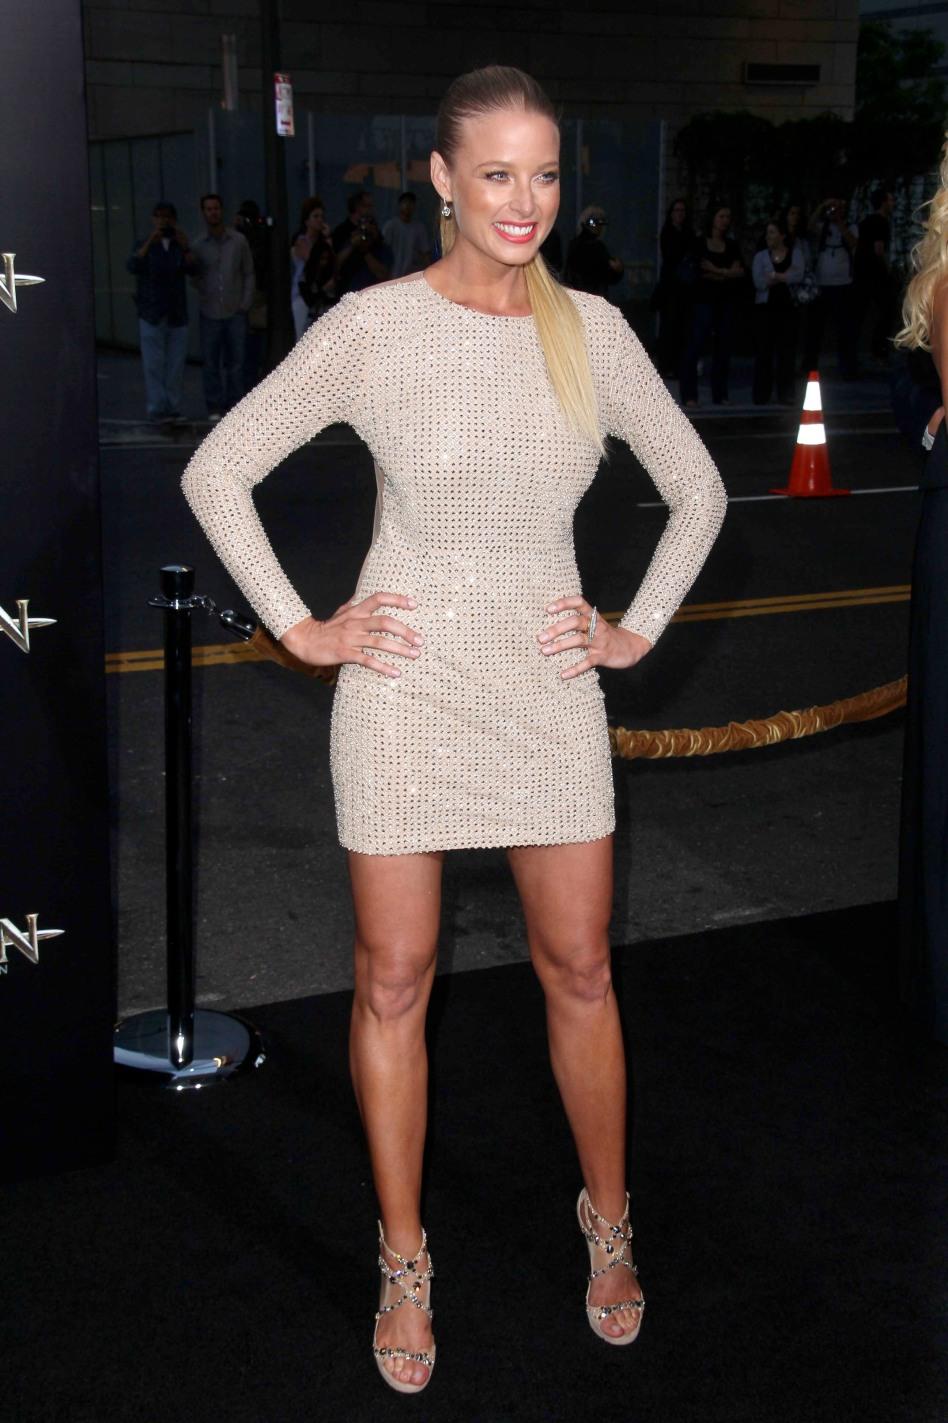 Rachel_Nichols_Conan_the_Barbarian_premiere_in_Los_Angeles ...